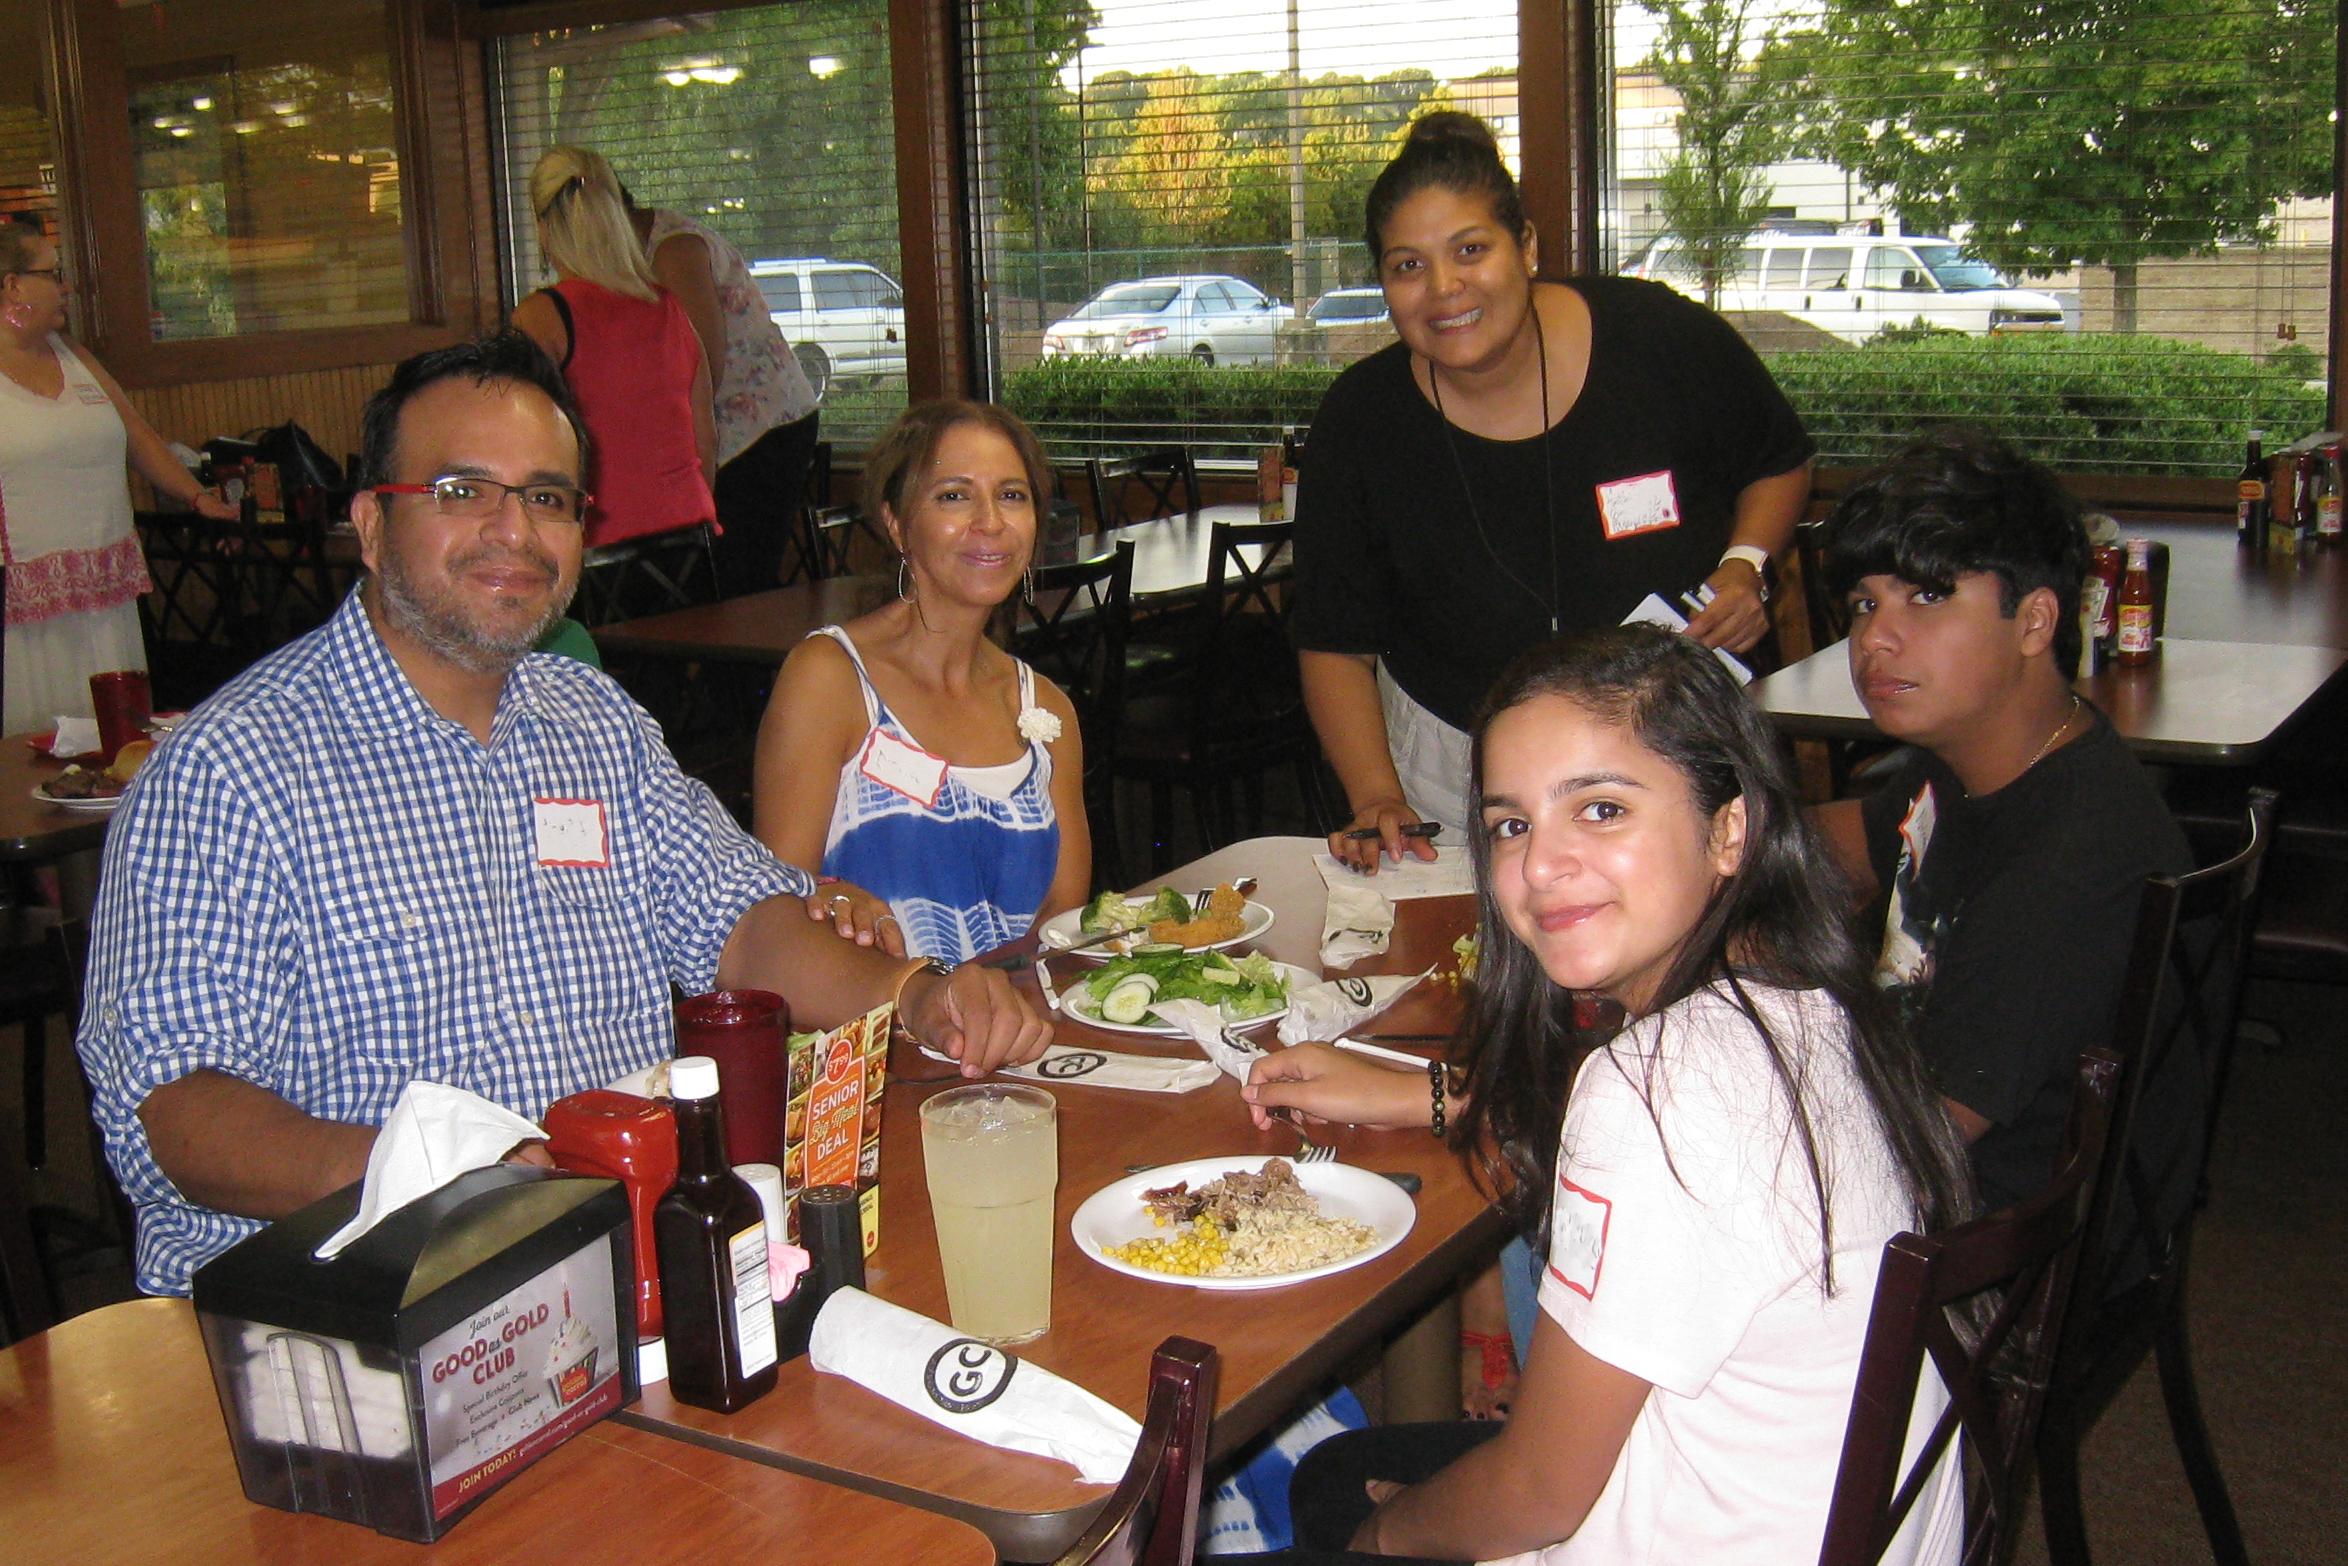 Spanish Speaking Family at Community Dinner in Lawrenceville